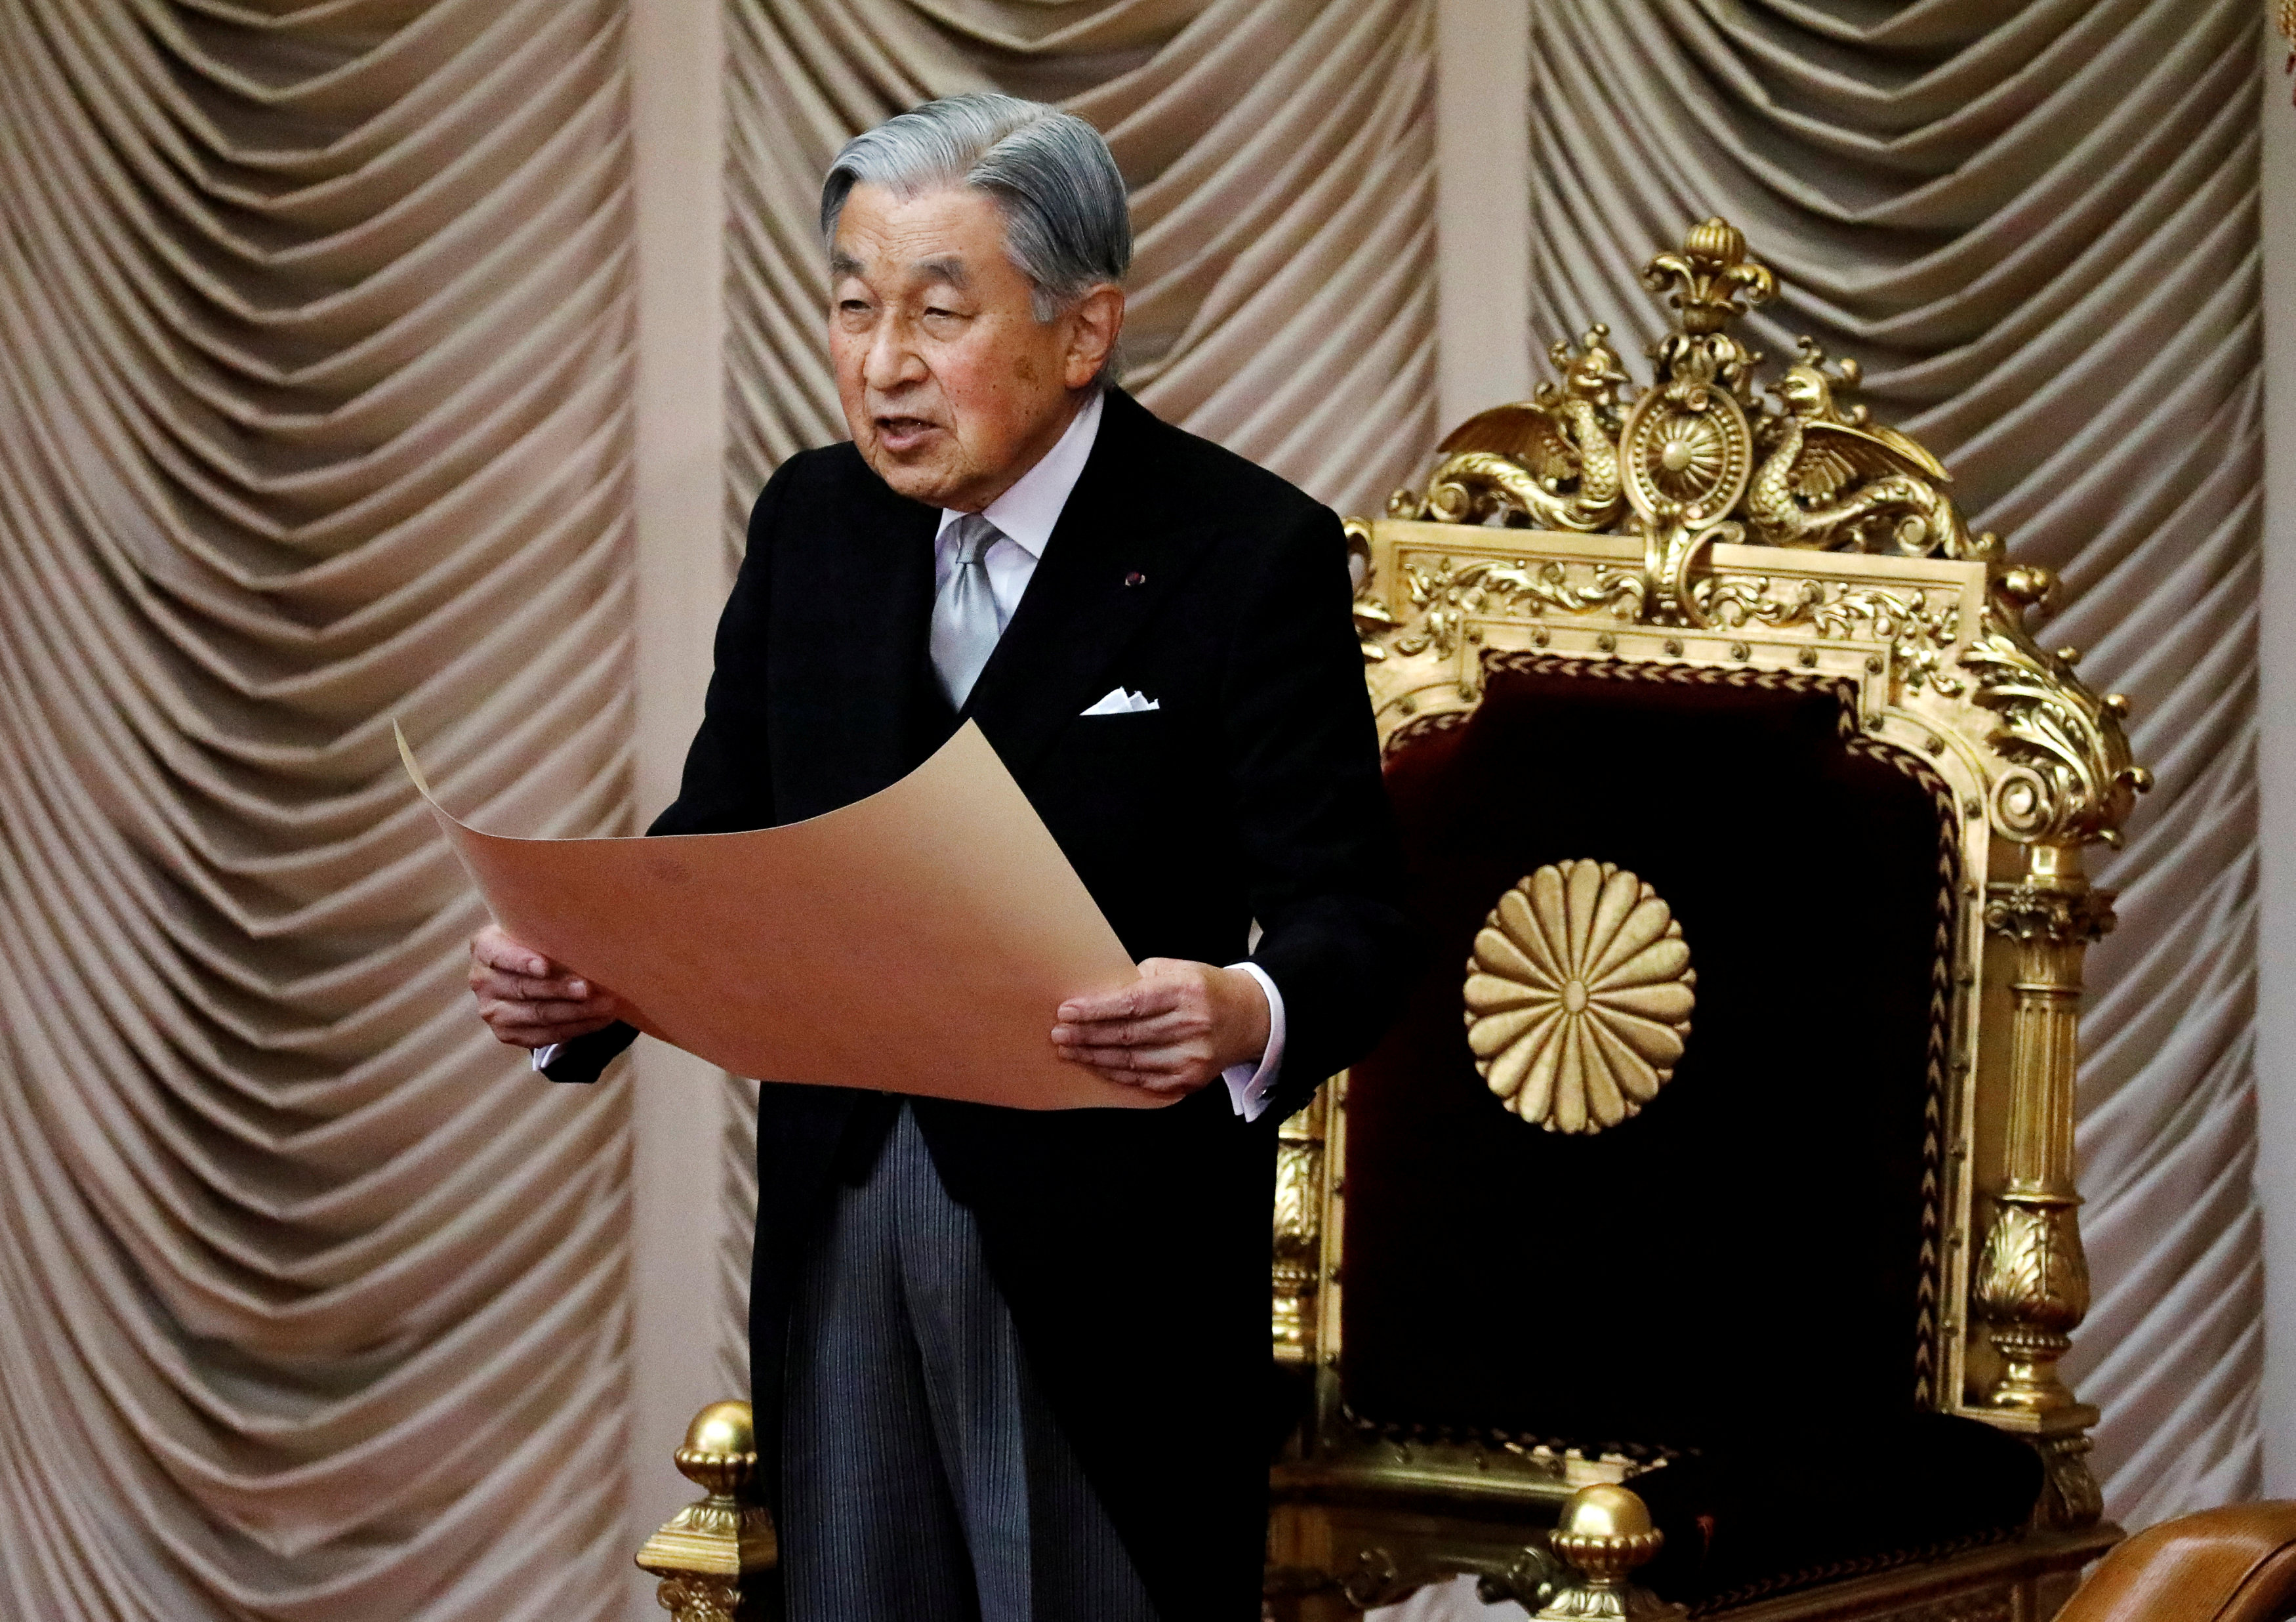 امبراطور اليابان يعلن افتتاح الدور البرلمانية الجديدة